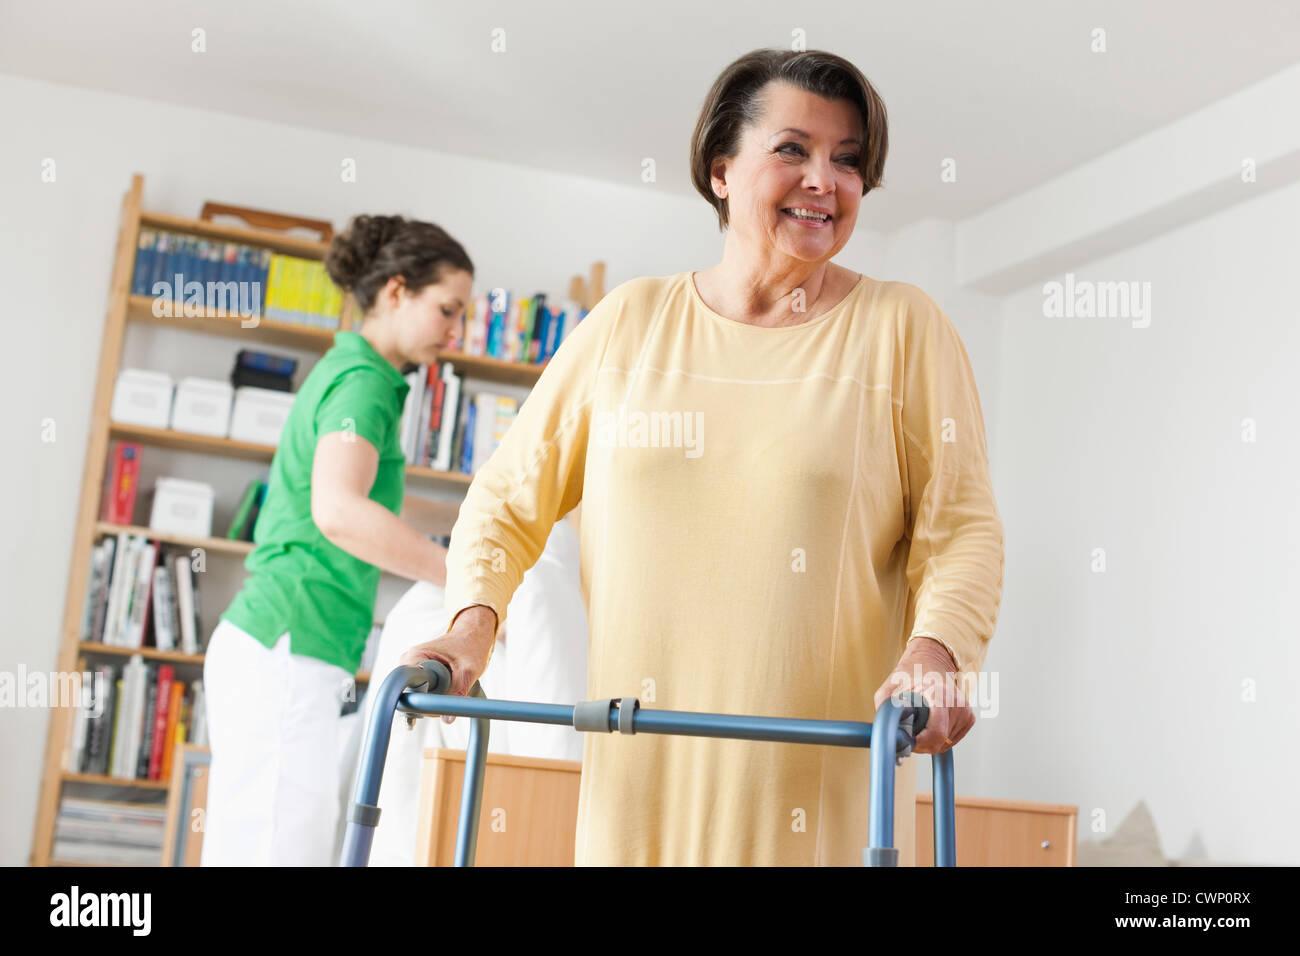 Alemania, Leipzig, Senior mujer caminando con poca trama otra mujer ...